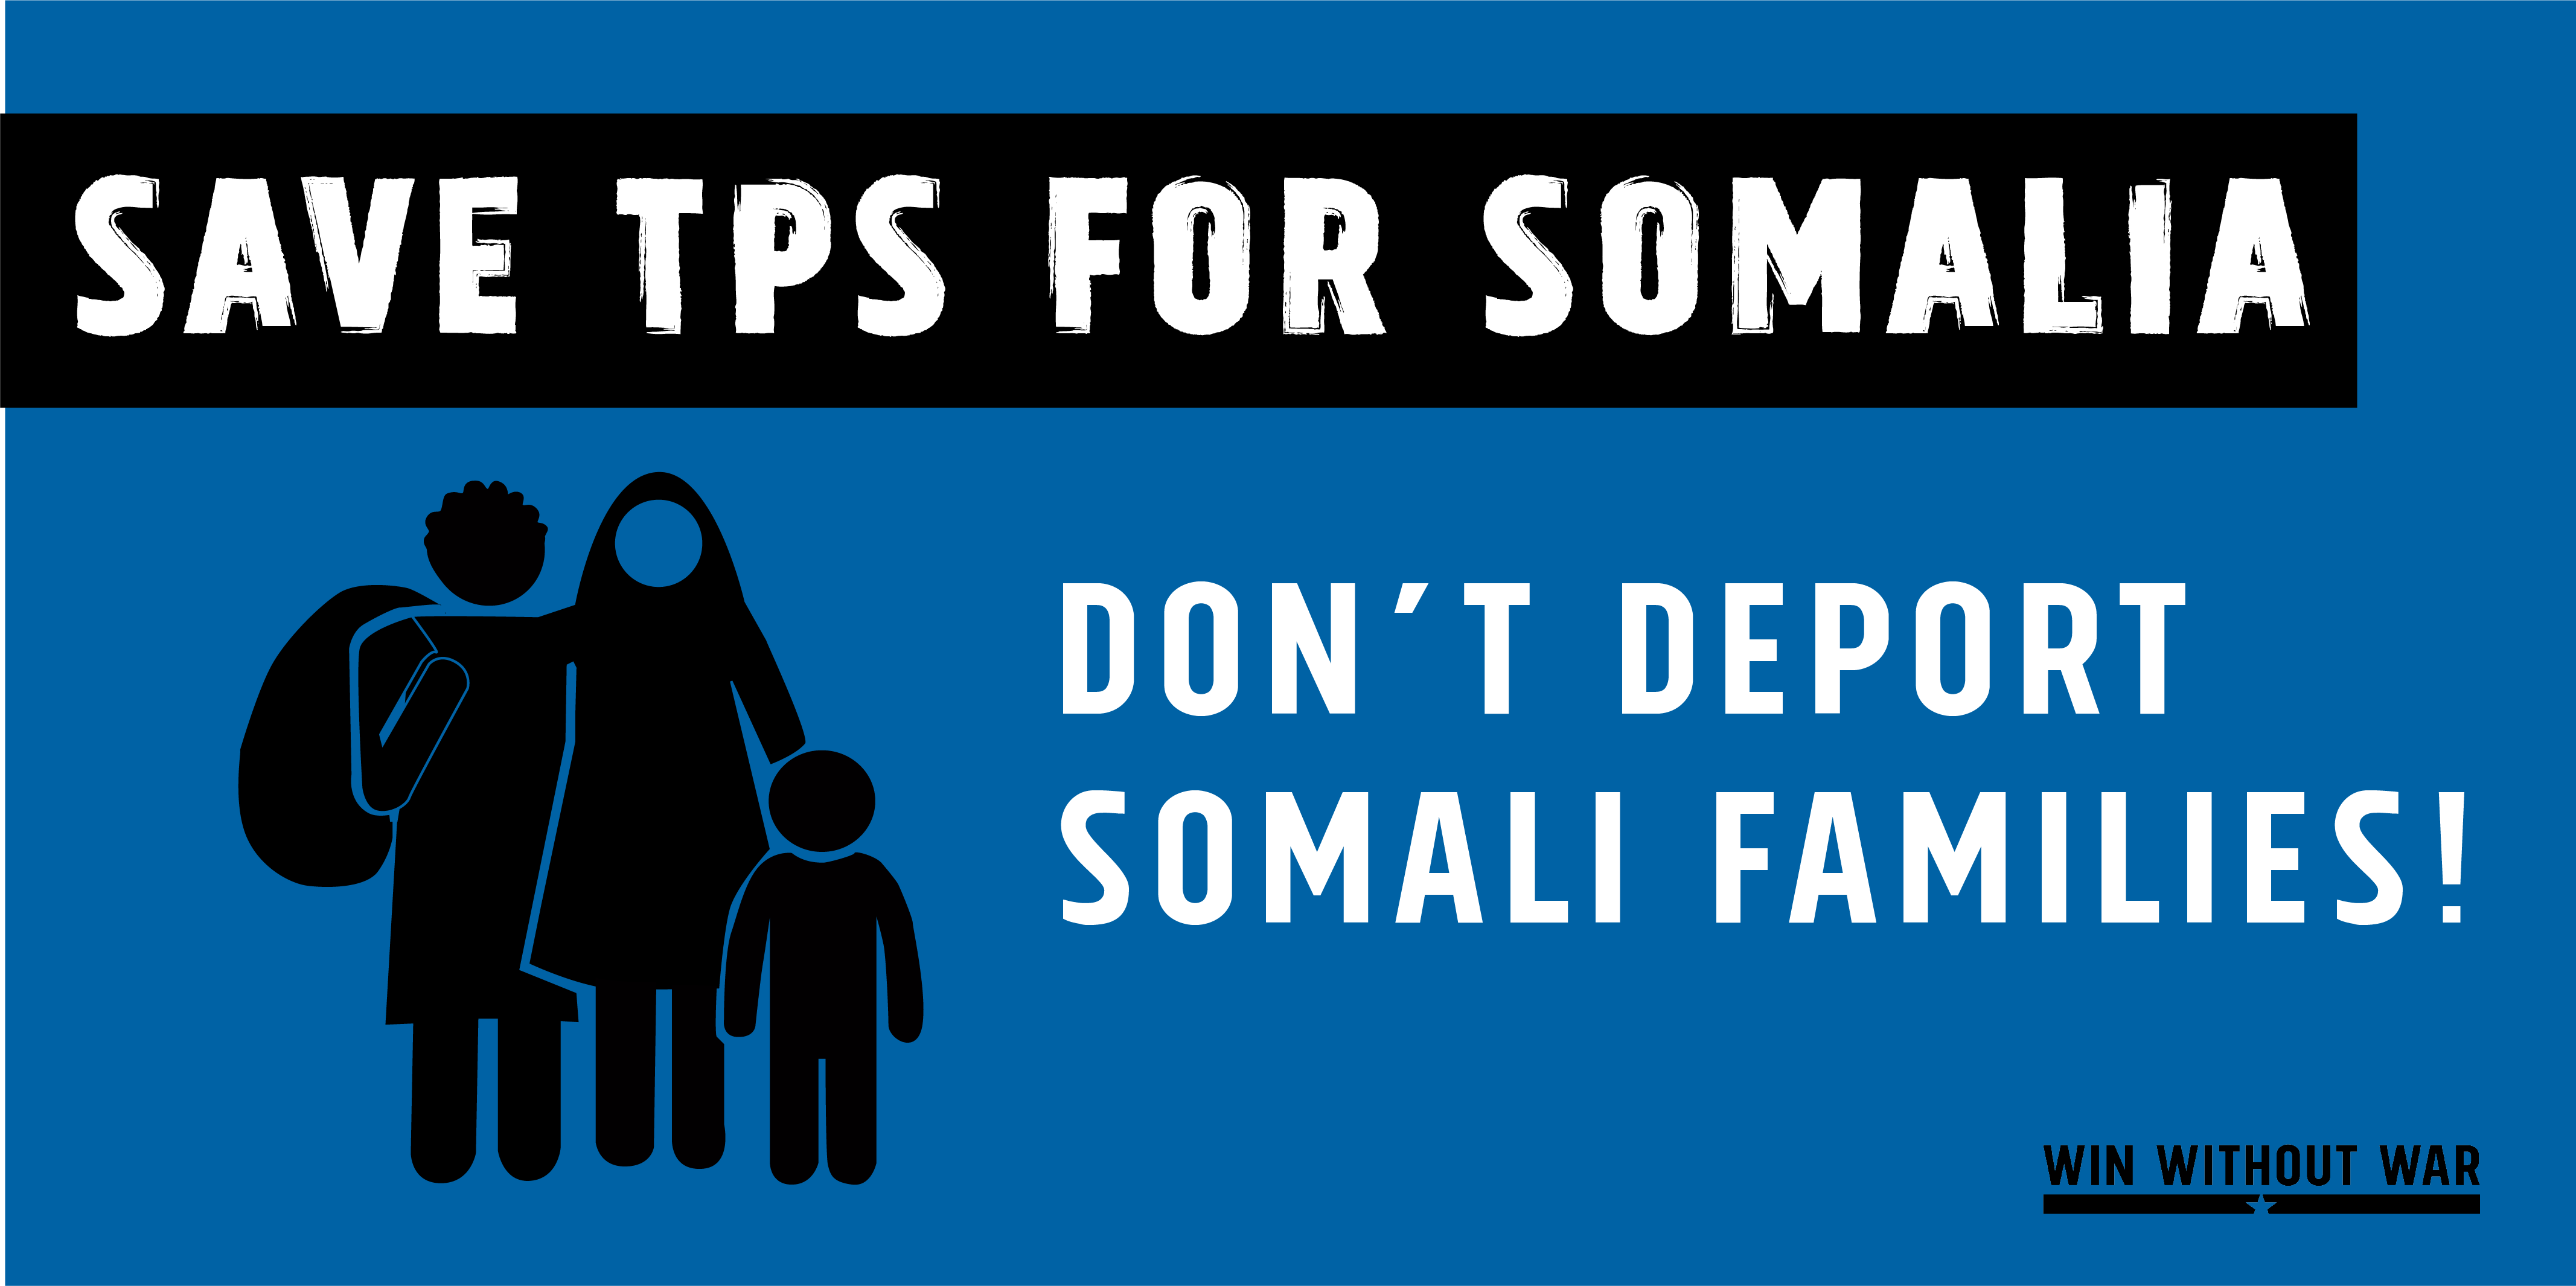 Save TPS for Somalia